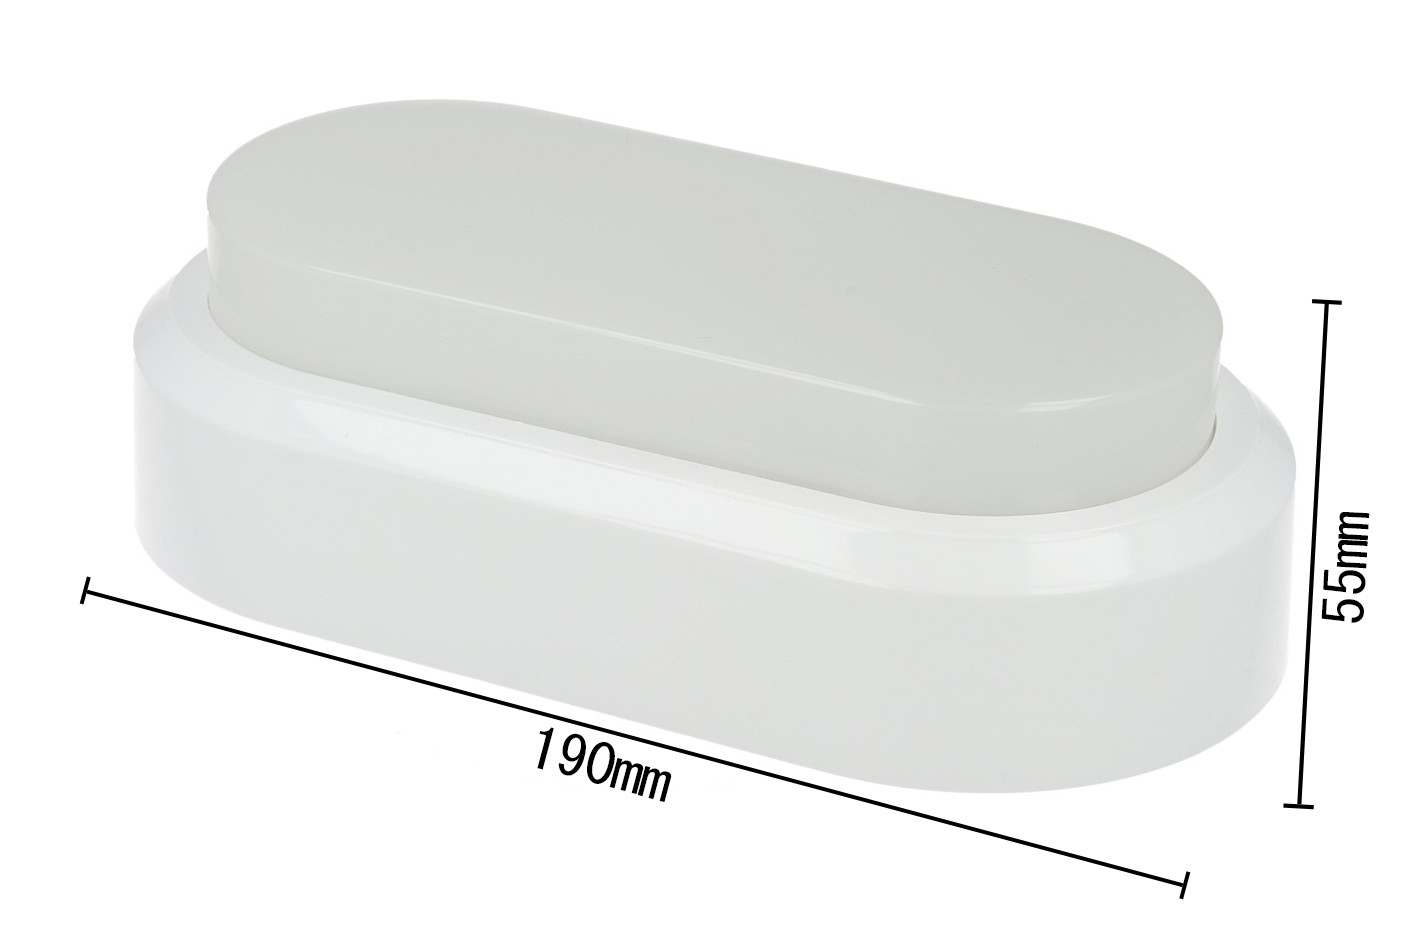 Plafoniere Rettangolari Da Parete : Ledlux plafoniera led applique da parete soffitto ovale